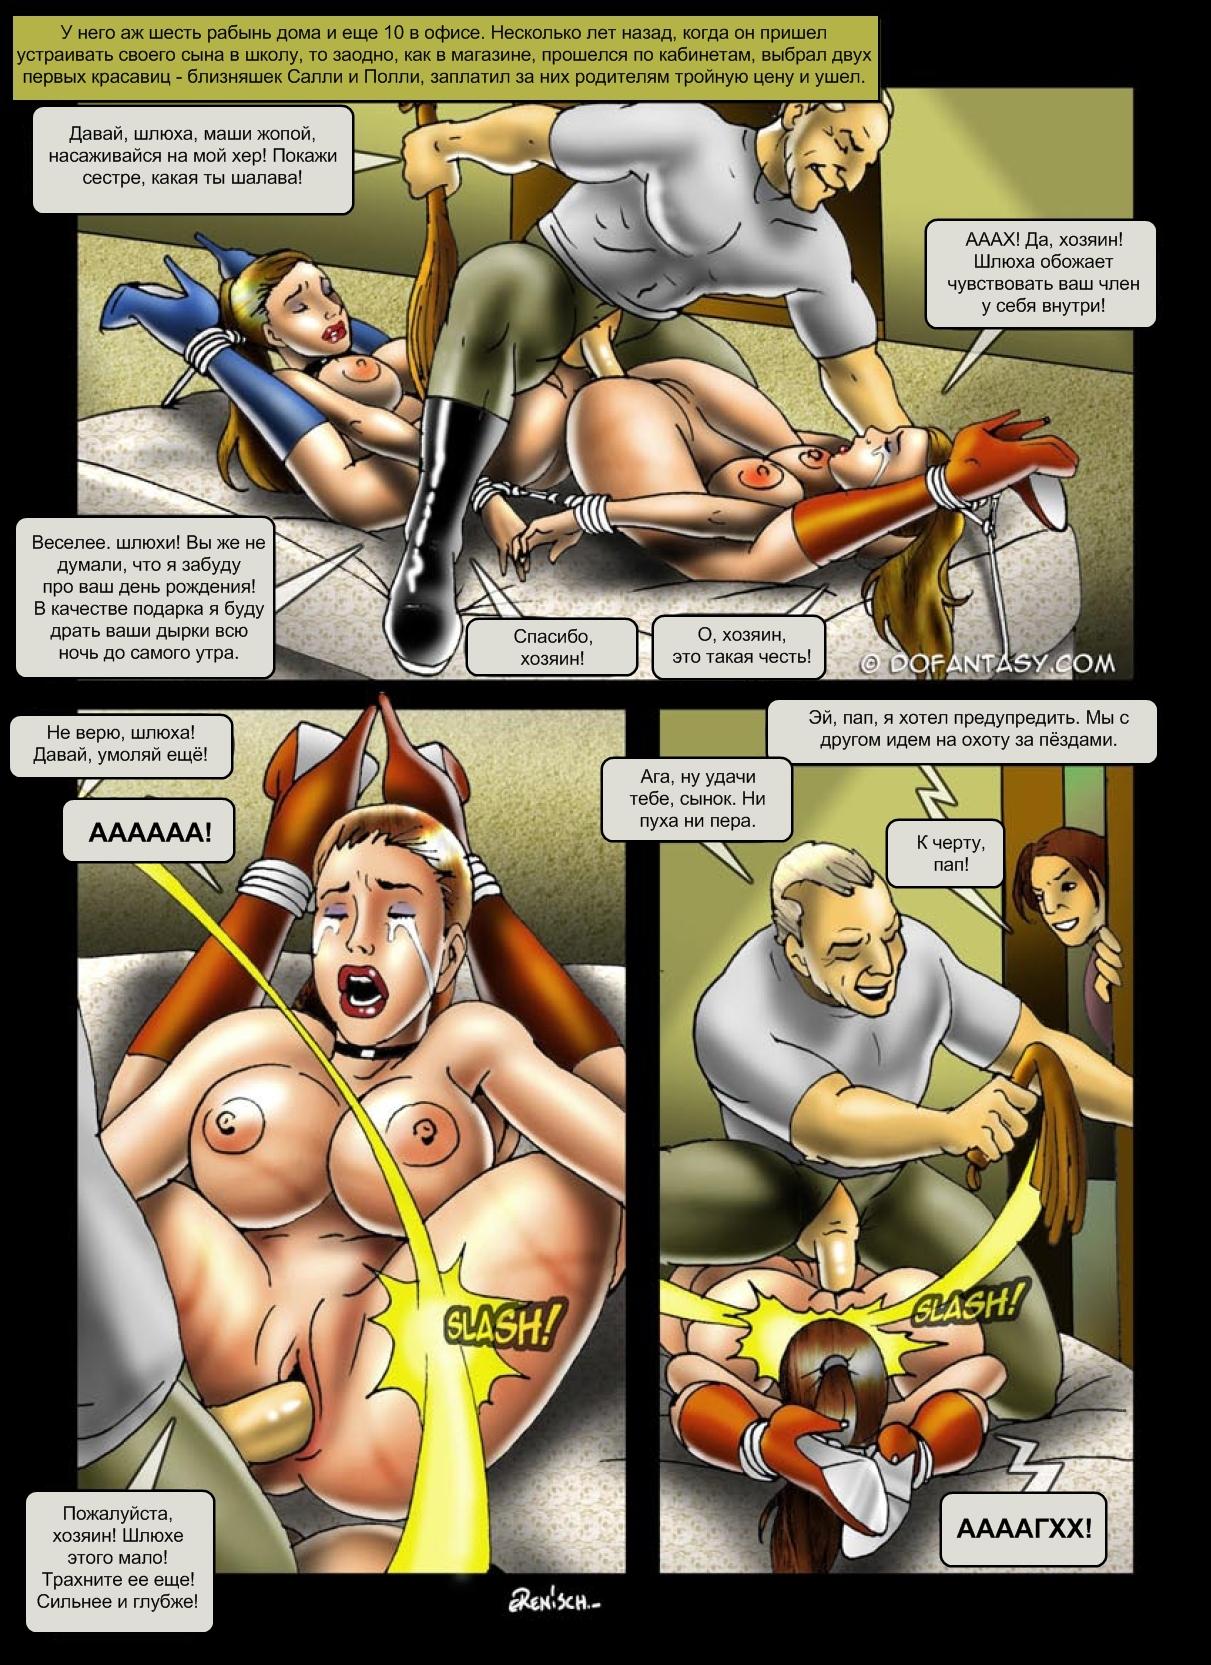 Подарок к дню рождения porno